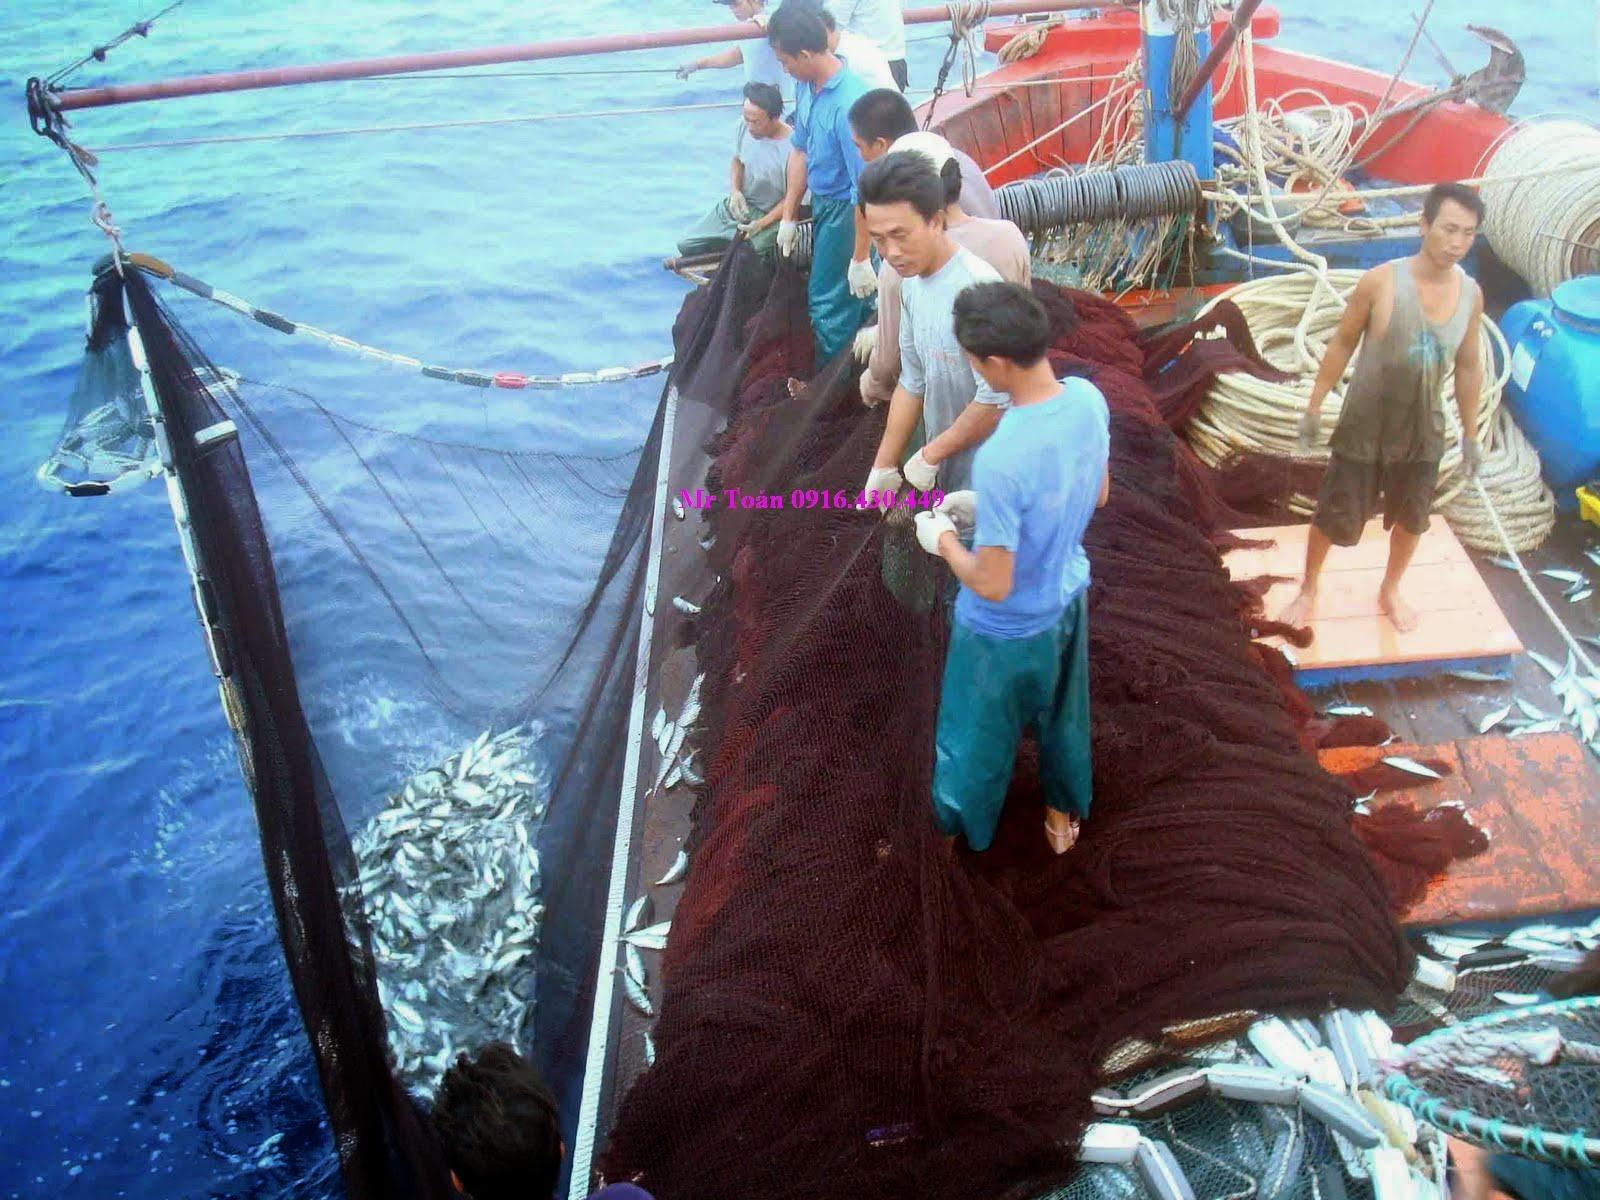 Ảnh Lưới Kéo Cá